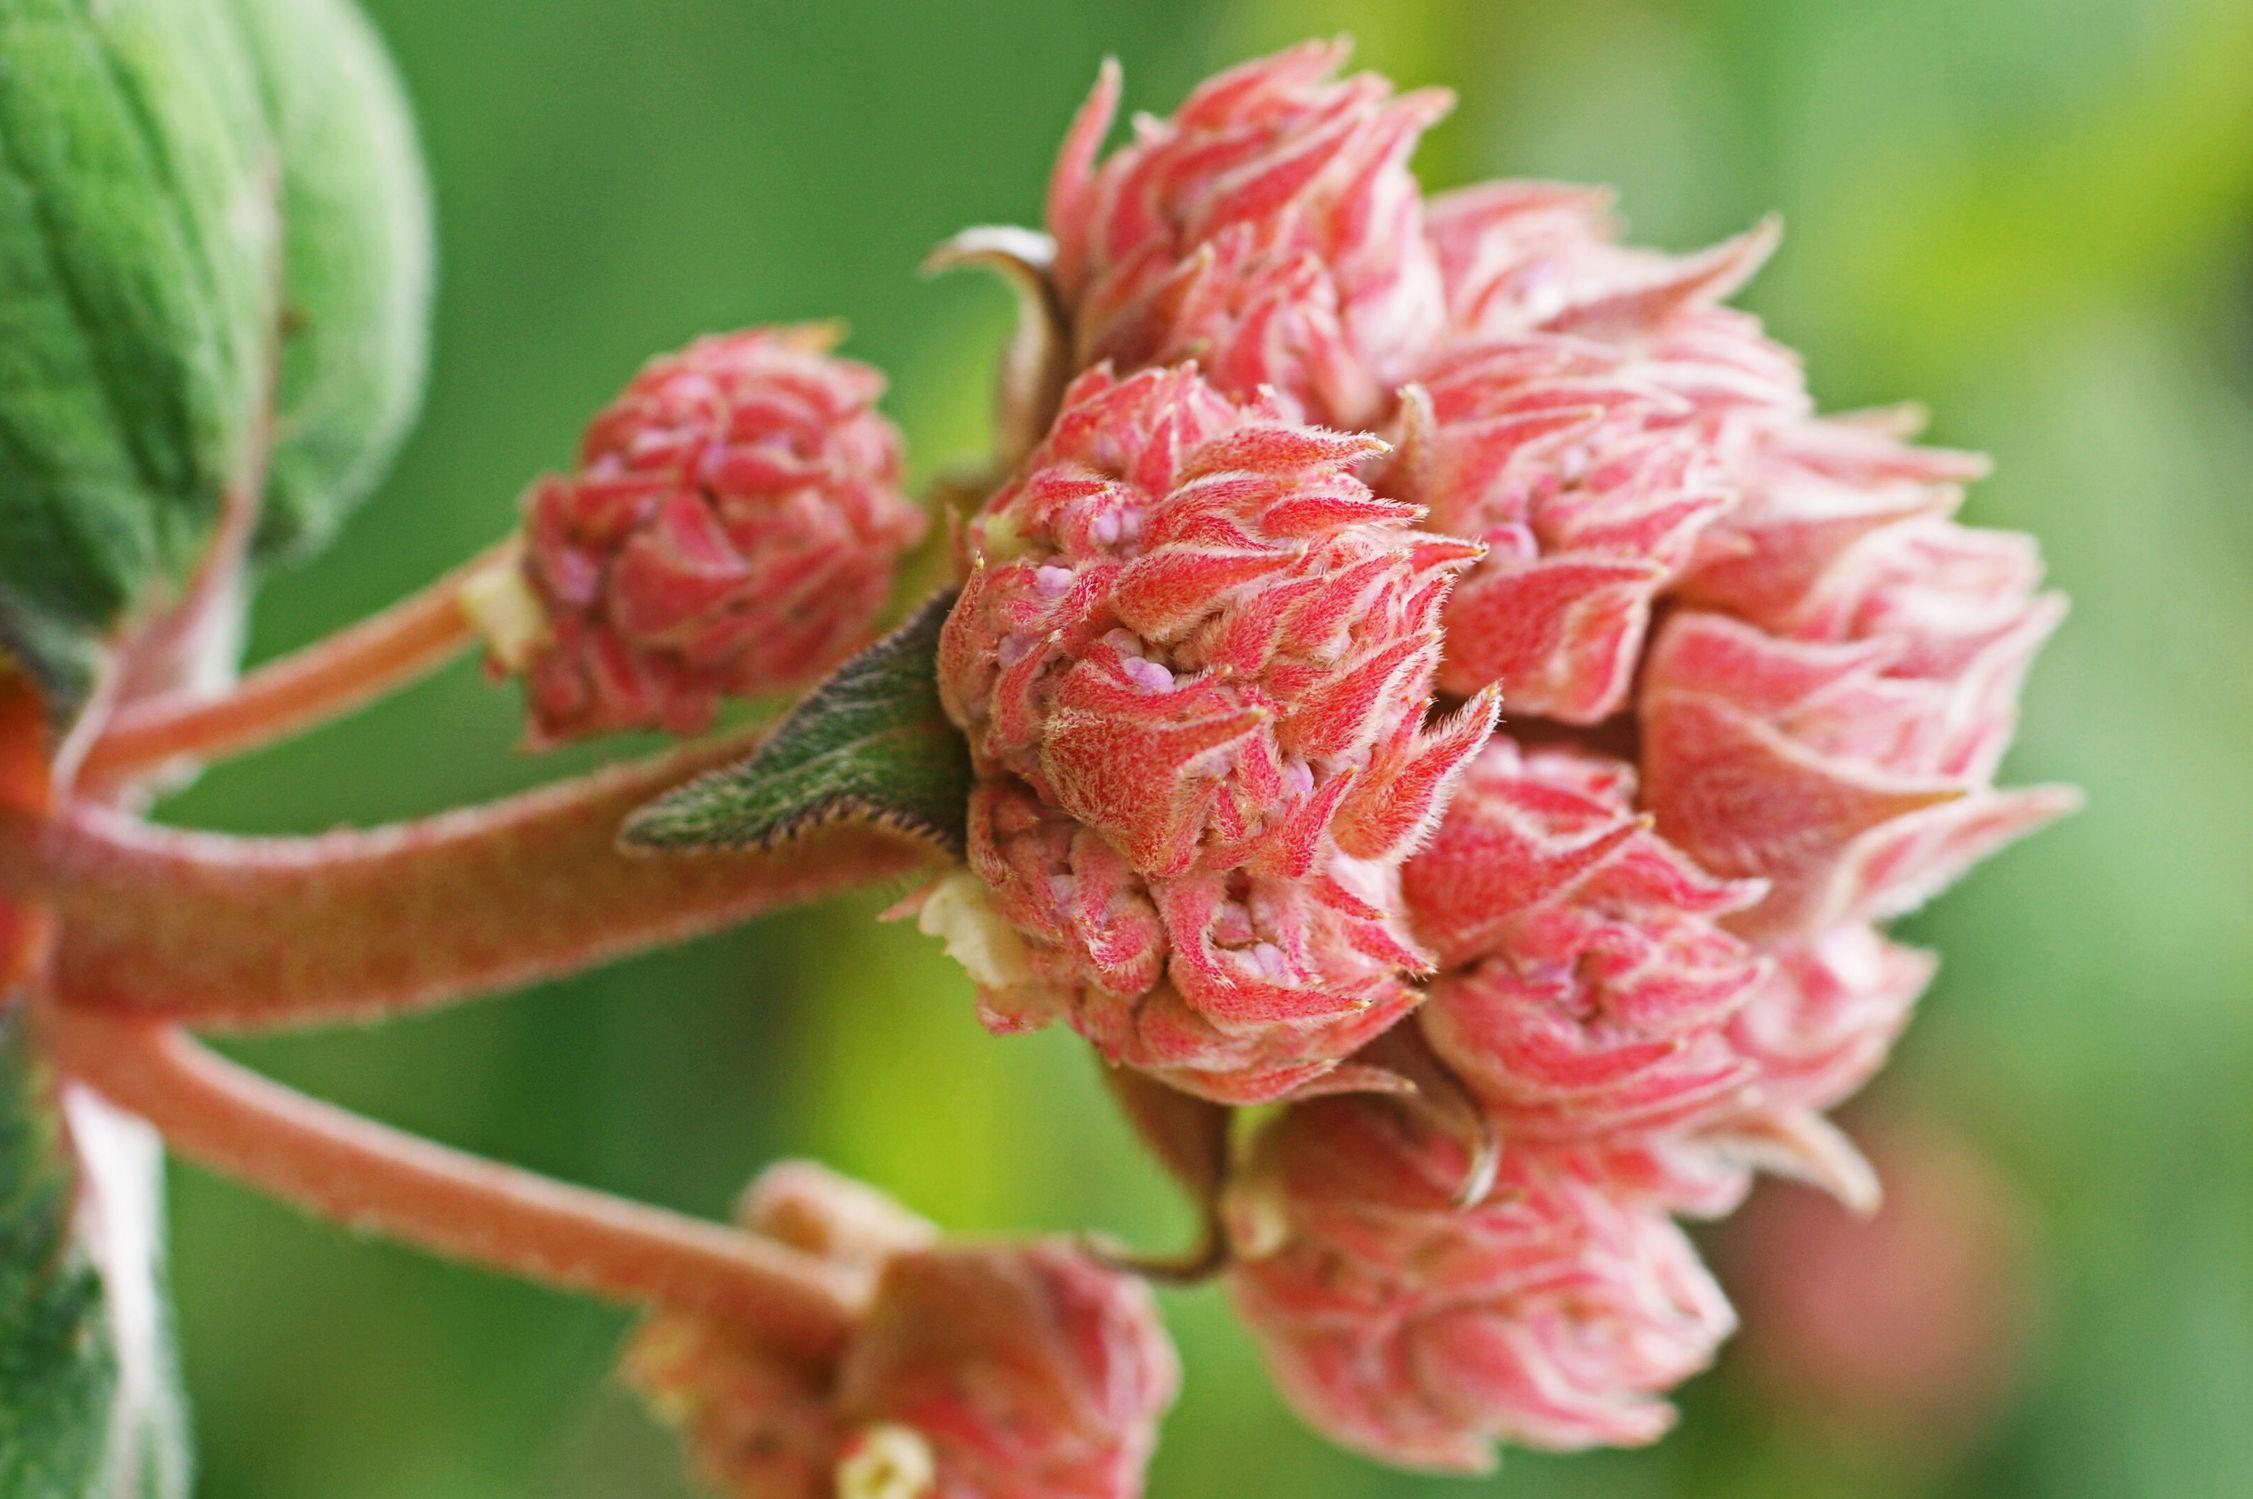 Bild mit Blumen, Blume, hortensien, Blüten, blüte, Hortensie, Knospe, Knospen